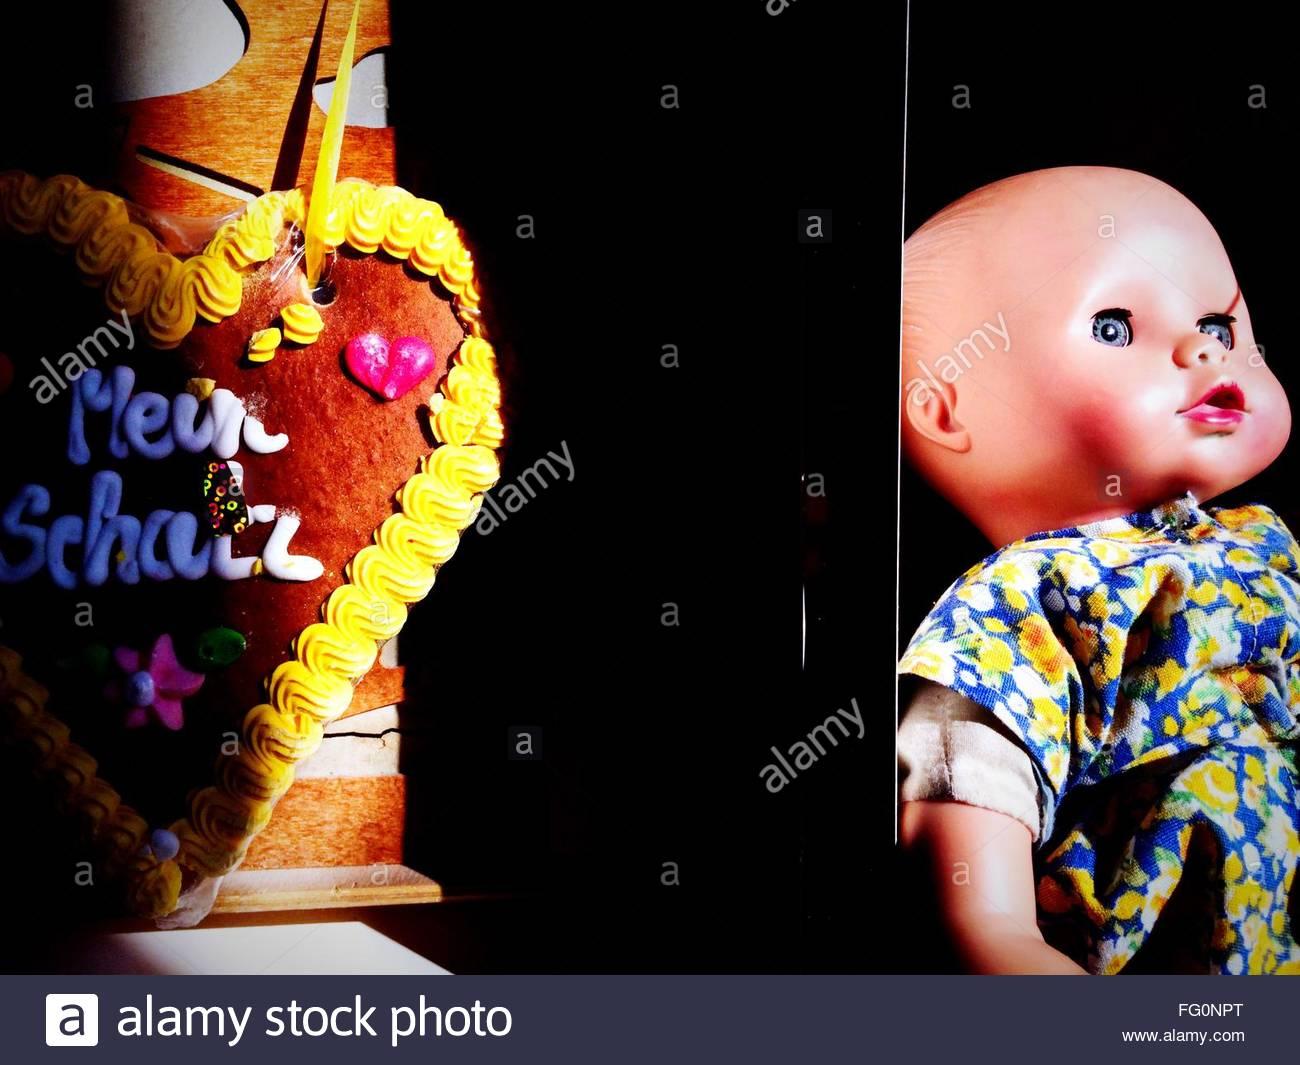 Ampliada de uma boneca sobre fundo preto Imagens de Stock